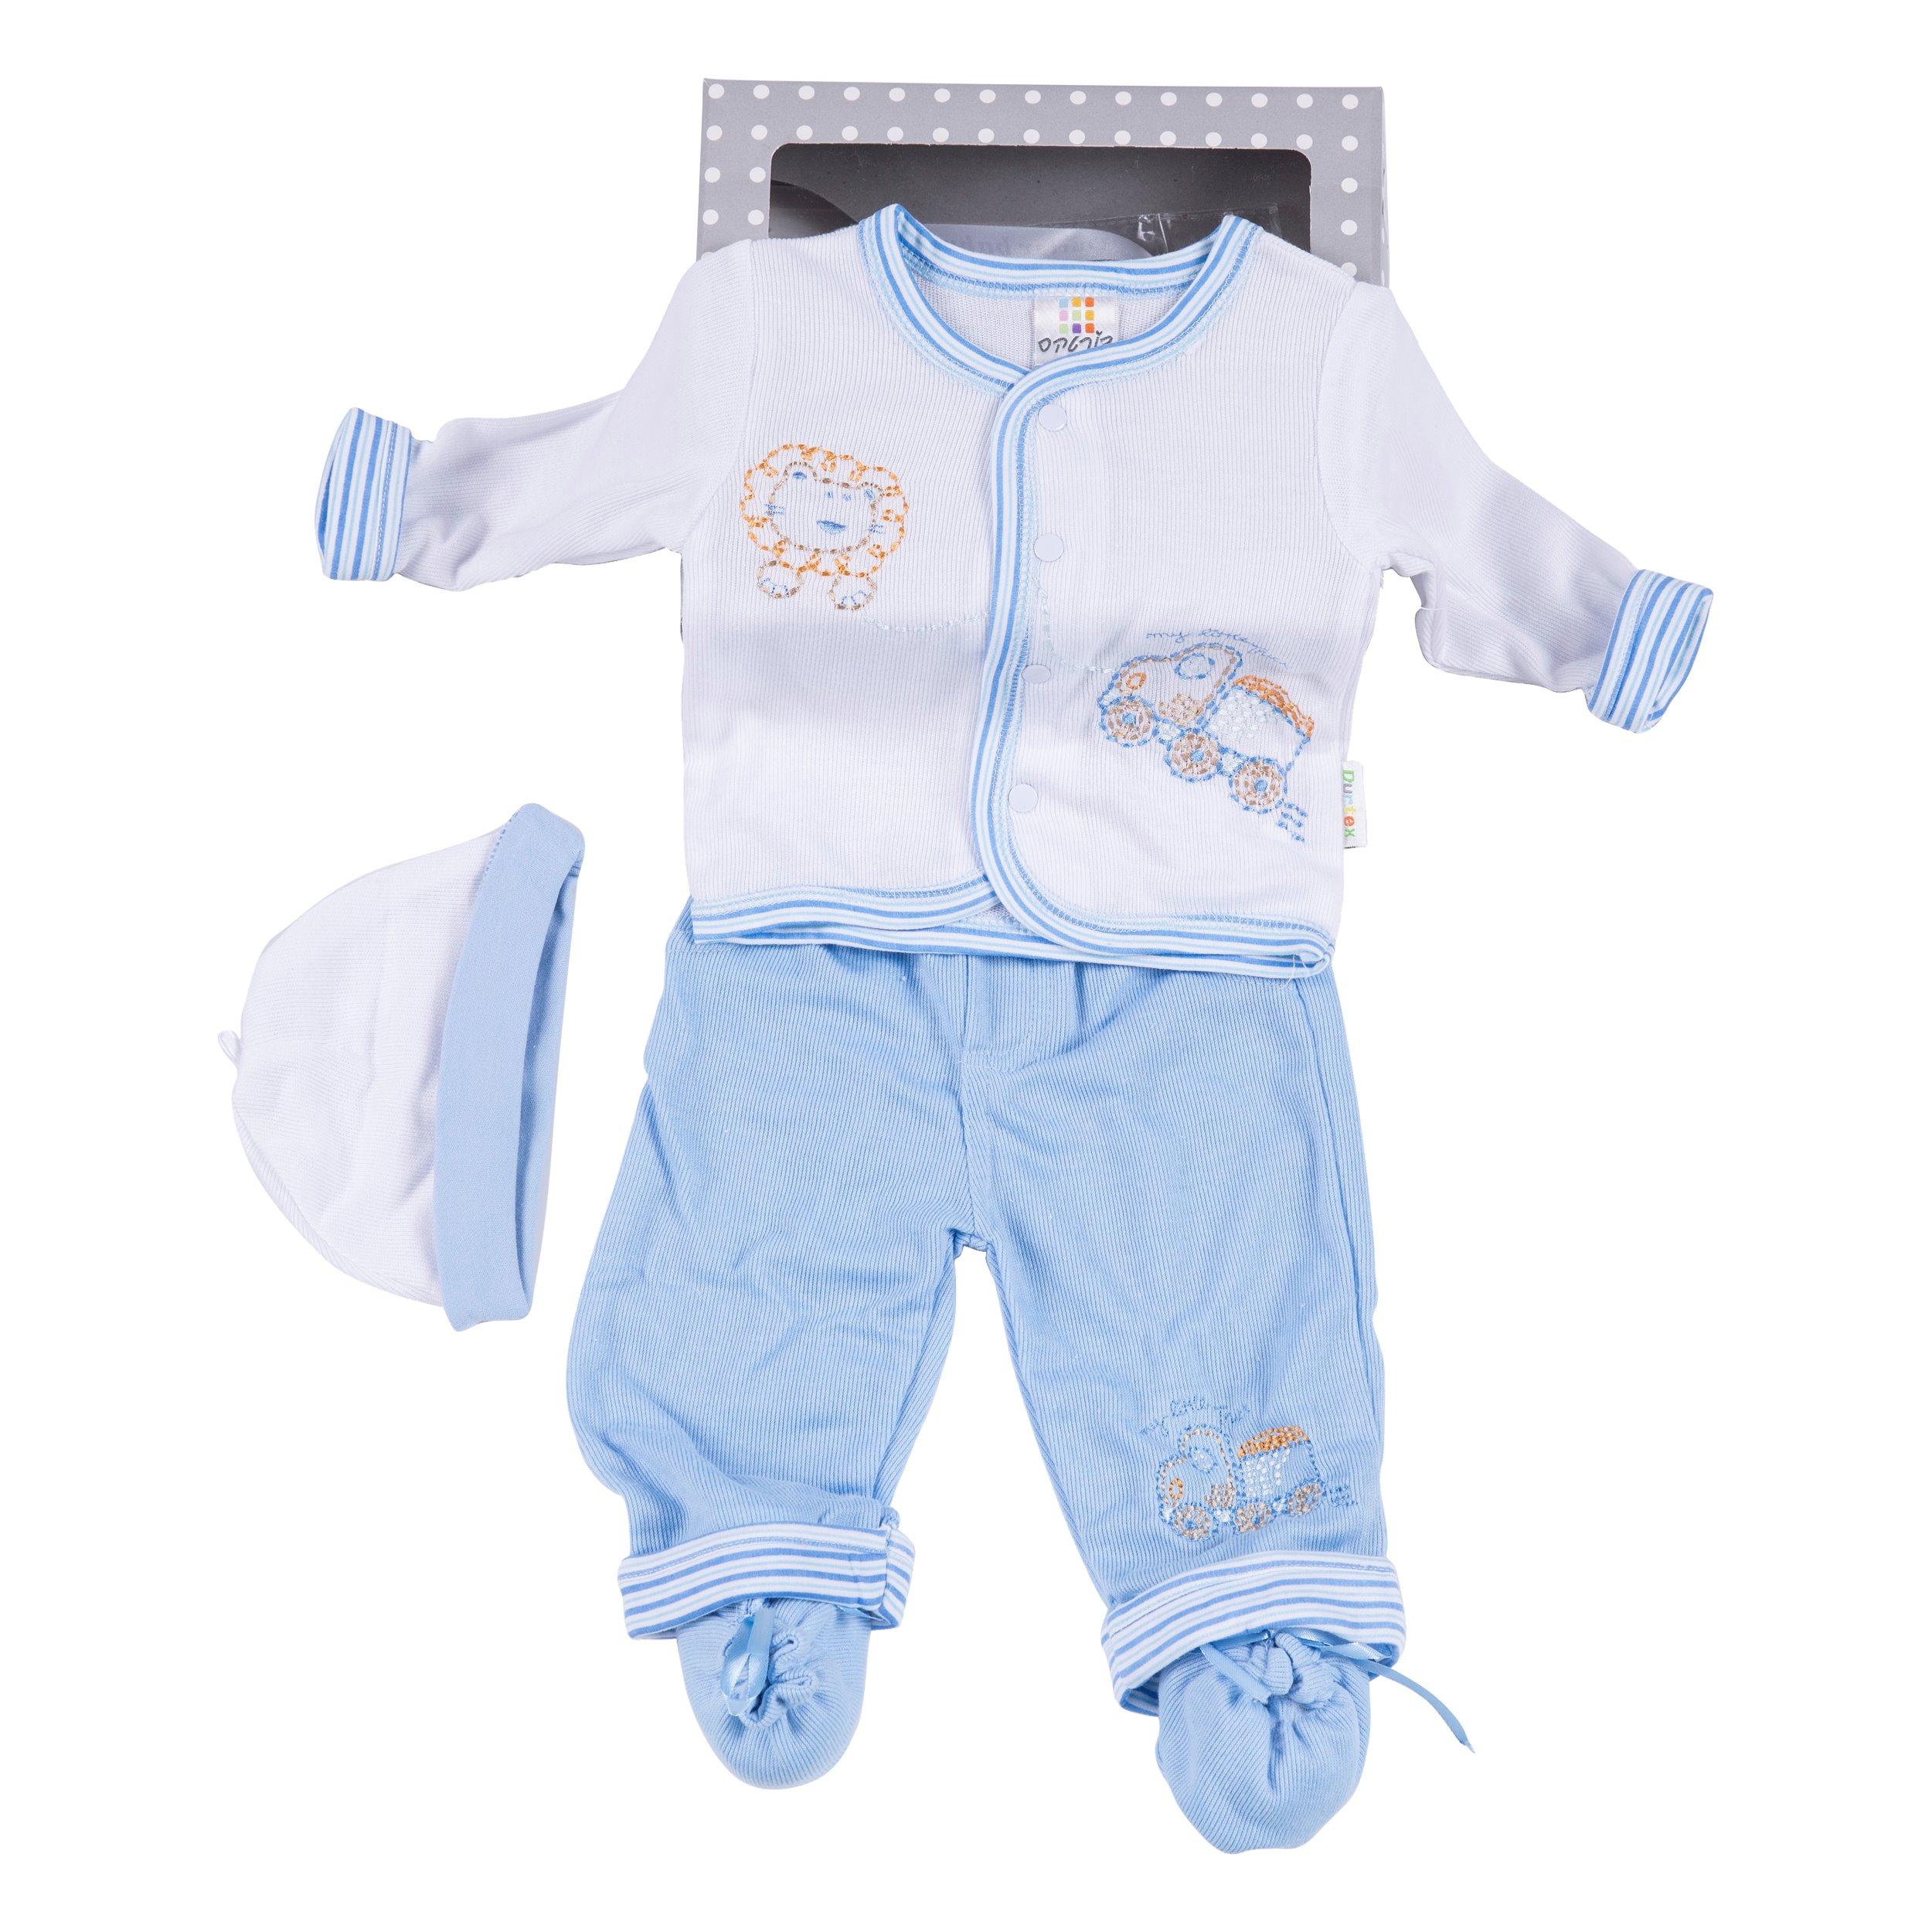 מארז מתנה לתינוק 7831 לבן